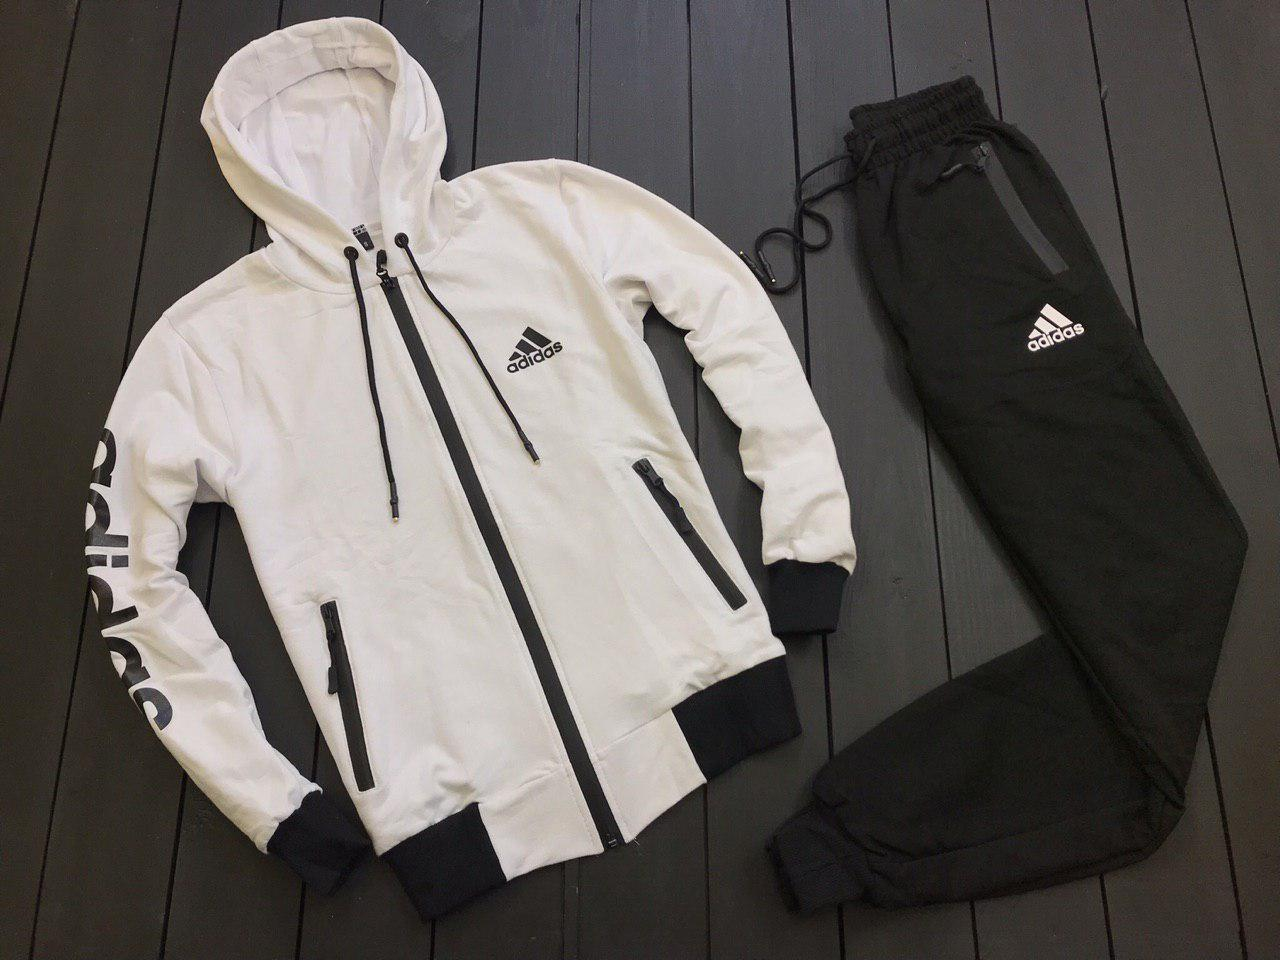 e459953d33b Спортивный костюм мужской в стиле Adidas весенний   осенний   летний черно- белый - Интернет